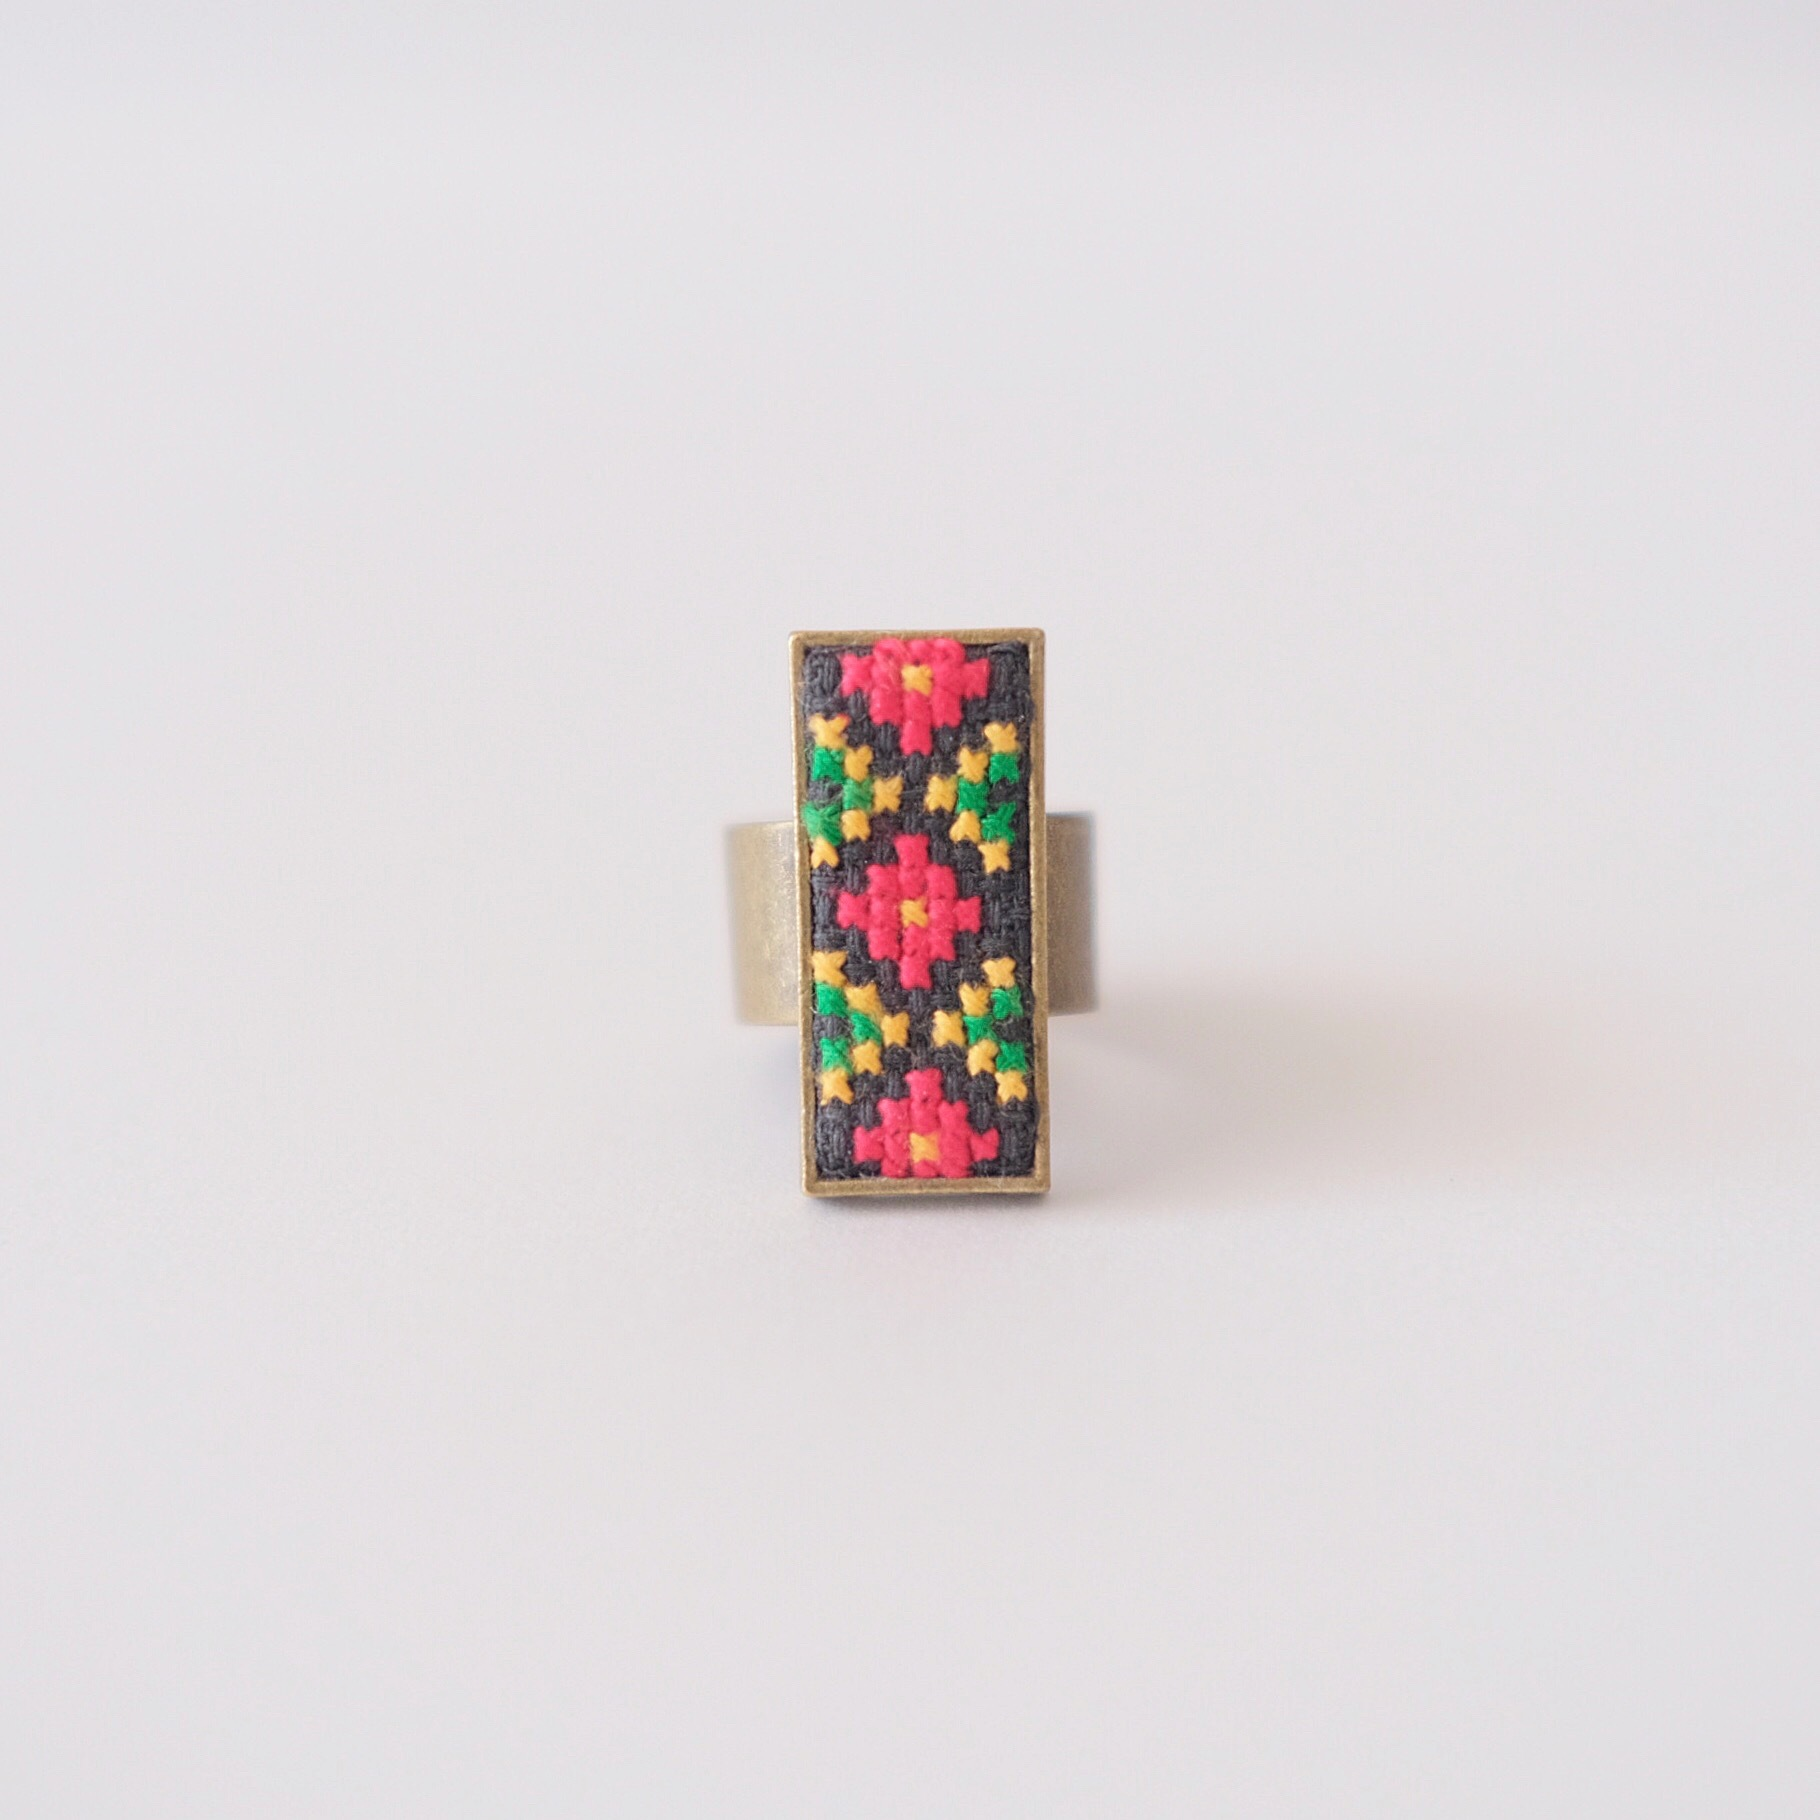 ウクライナ刺繍リング